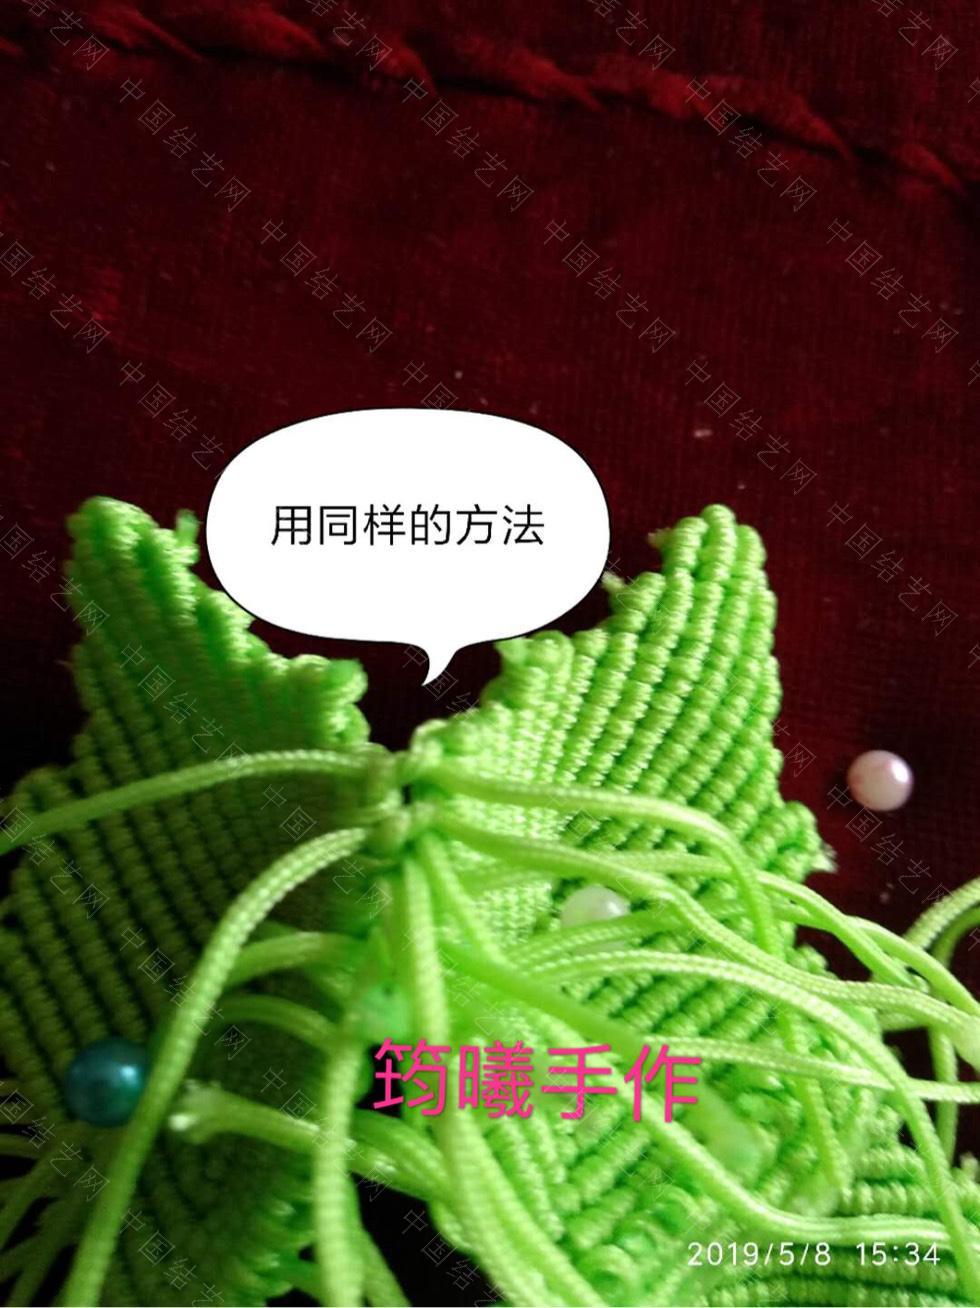 中国结论坛 新编叶子排骨缝合编法  立体绳结教程与交流区 224758zupbao0uu1d2dtyv